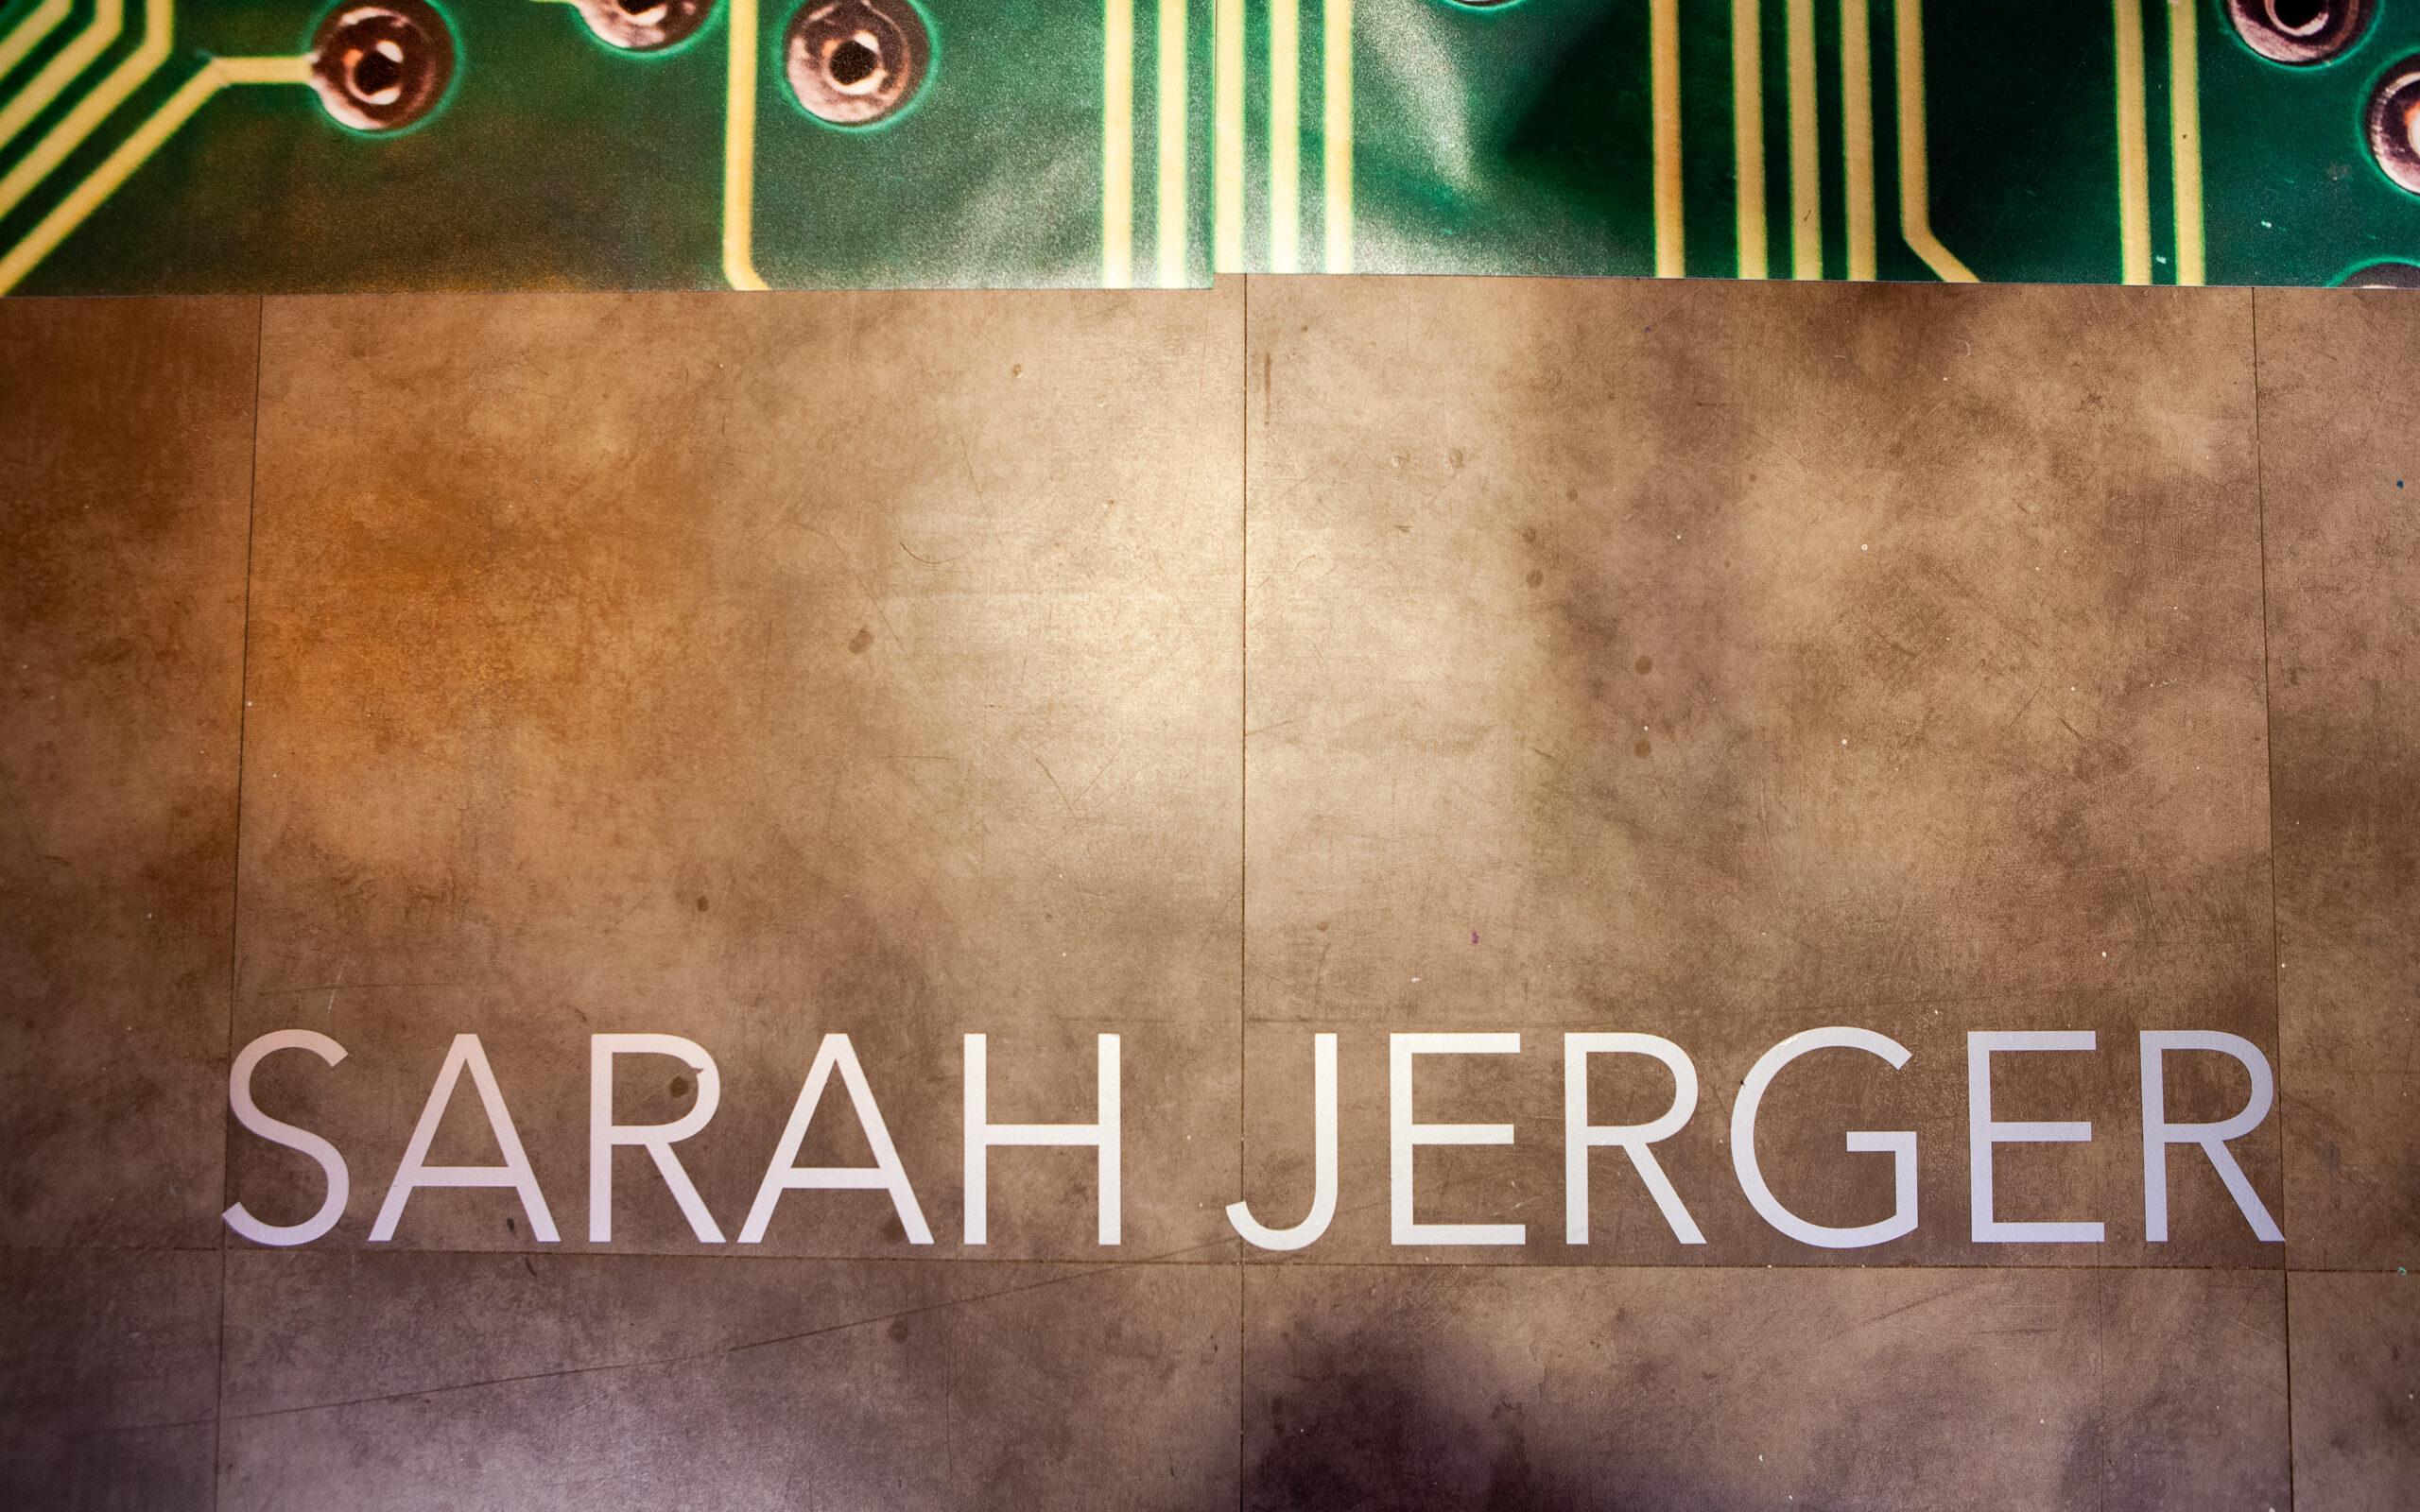 Sarah Jerger's Name